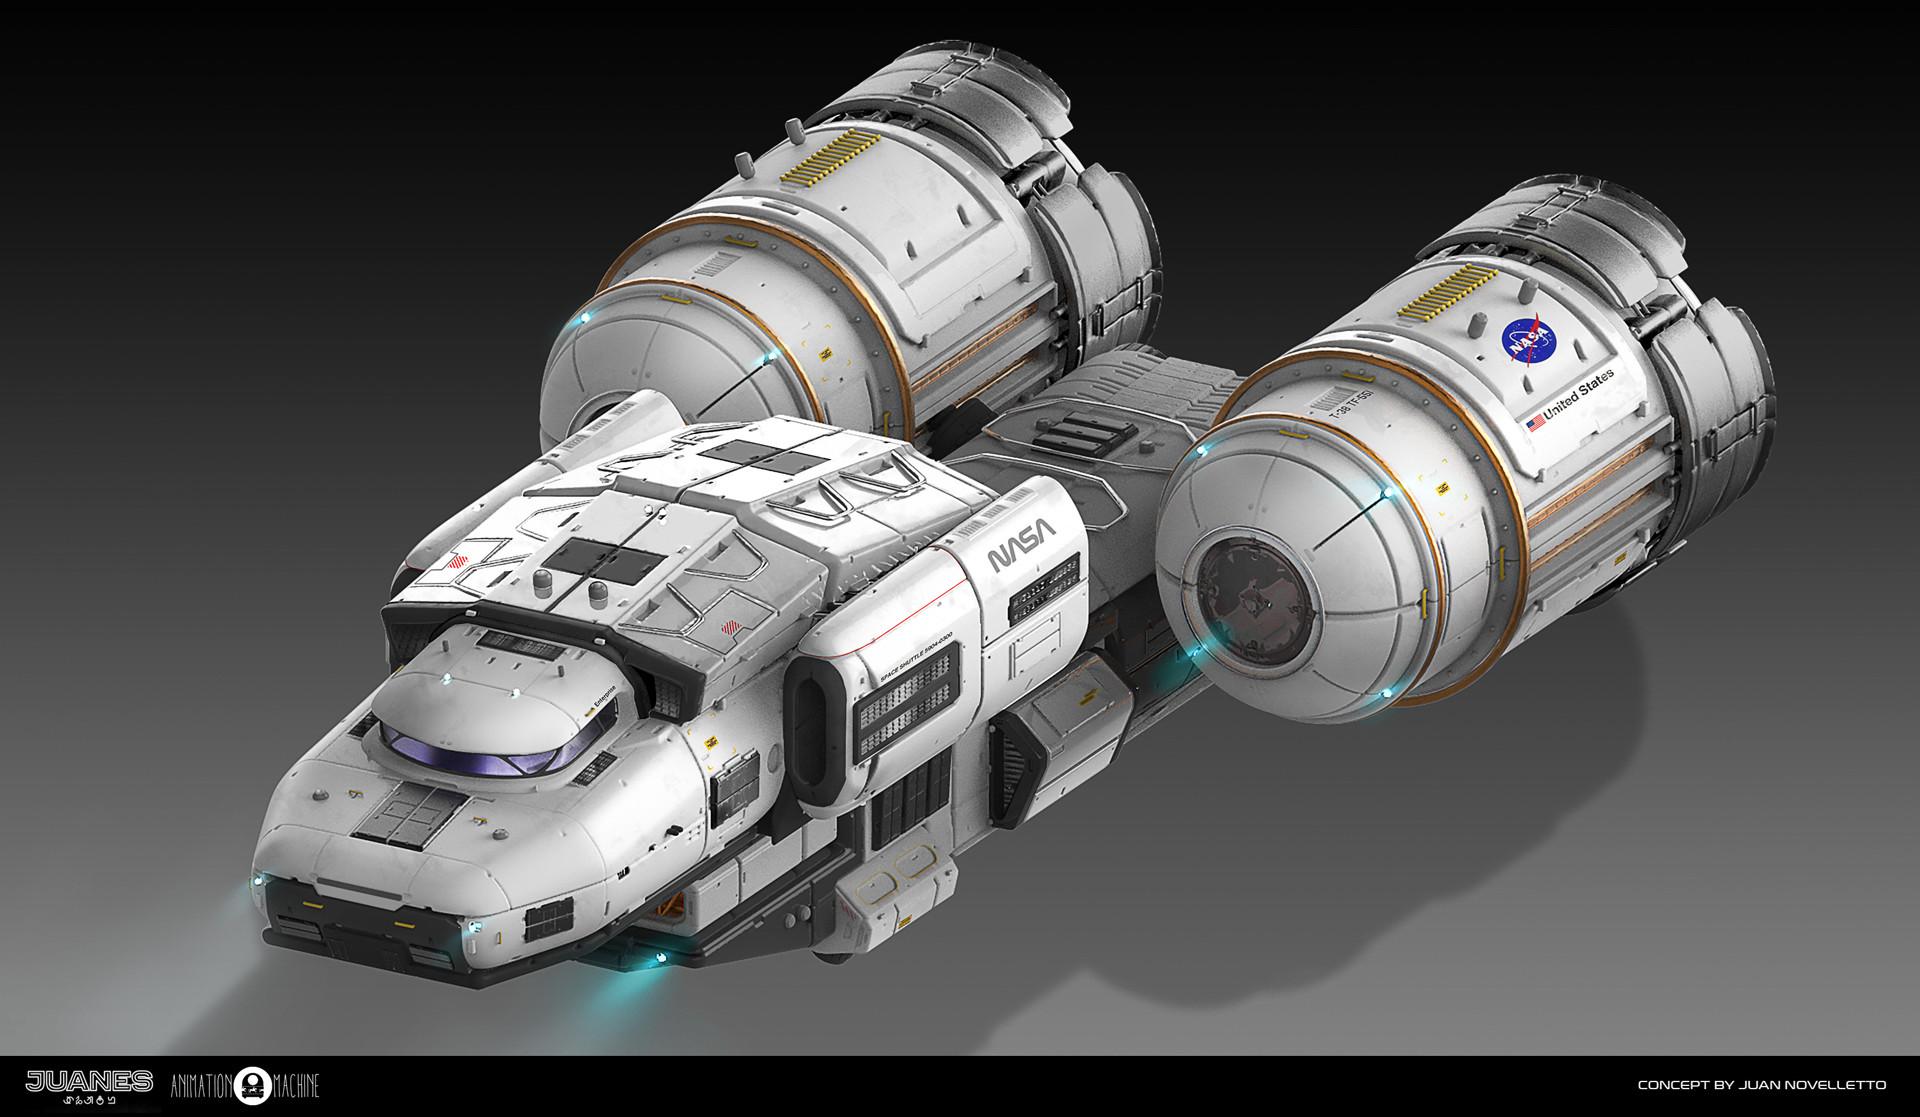 First layout version with NASA scheme